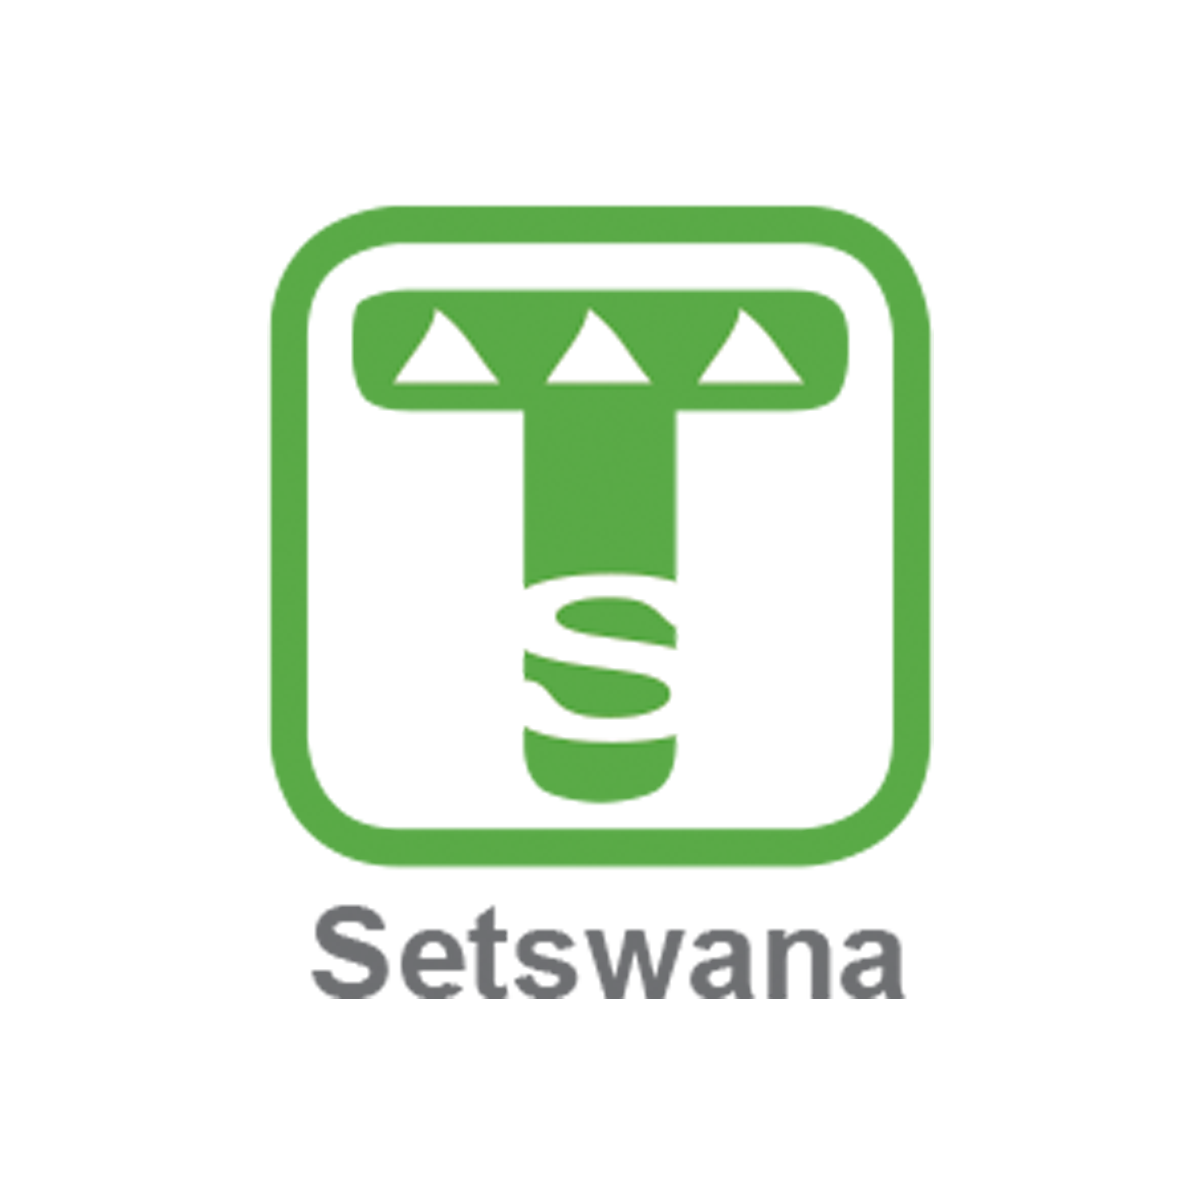 The Talking Dictionary Setswana